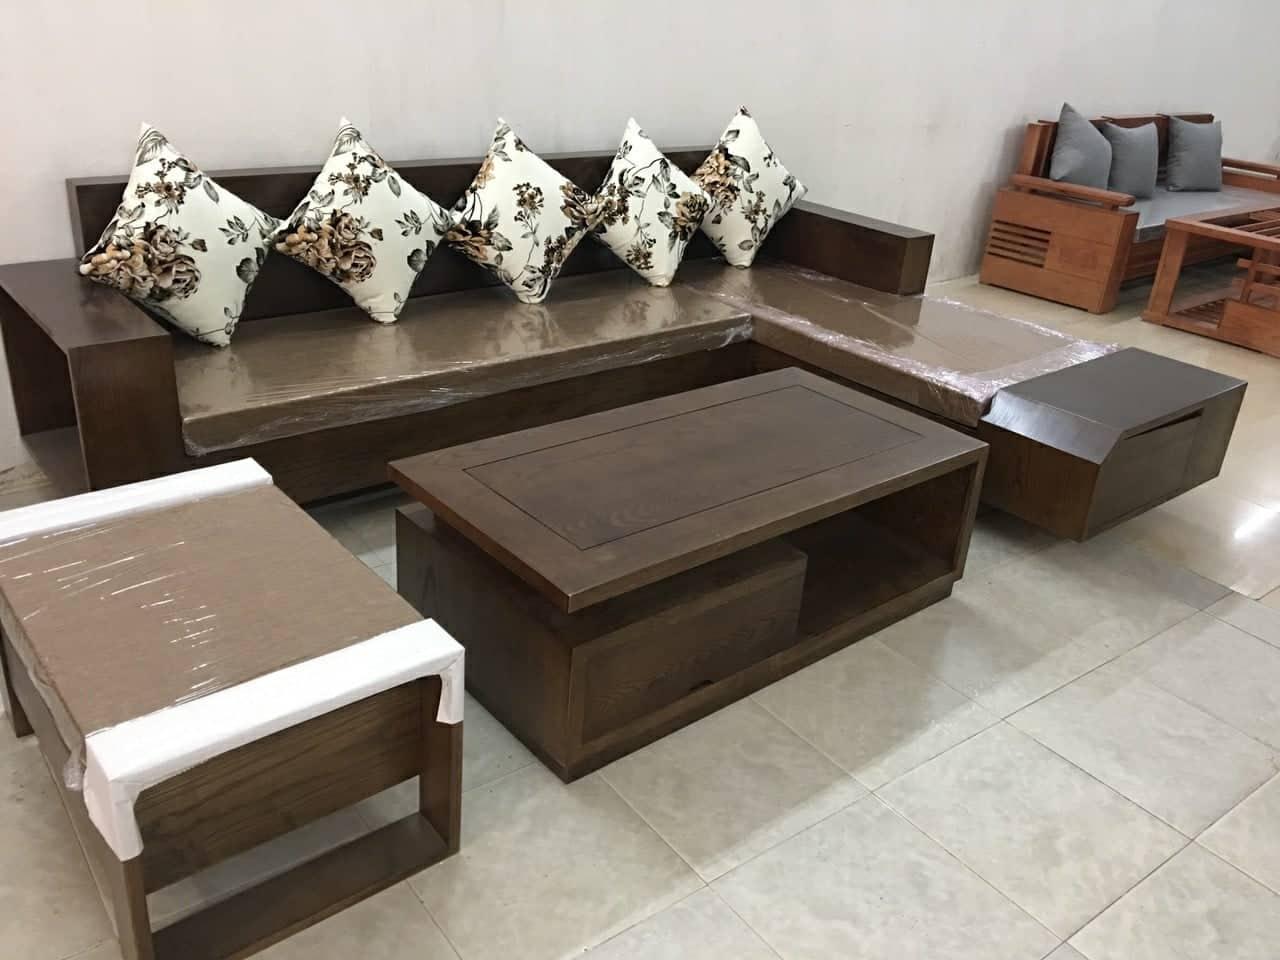 mẫu bàn ghế gỗ phòng khách tại hà nội, kiểu dáng vô cùng thời trang